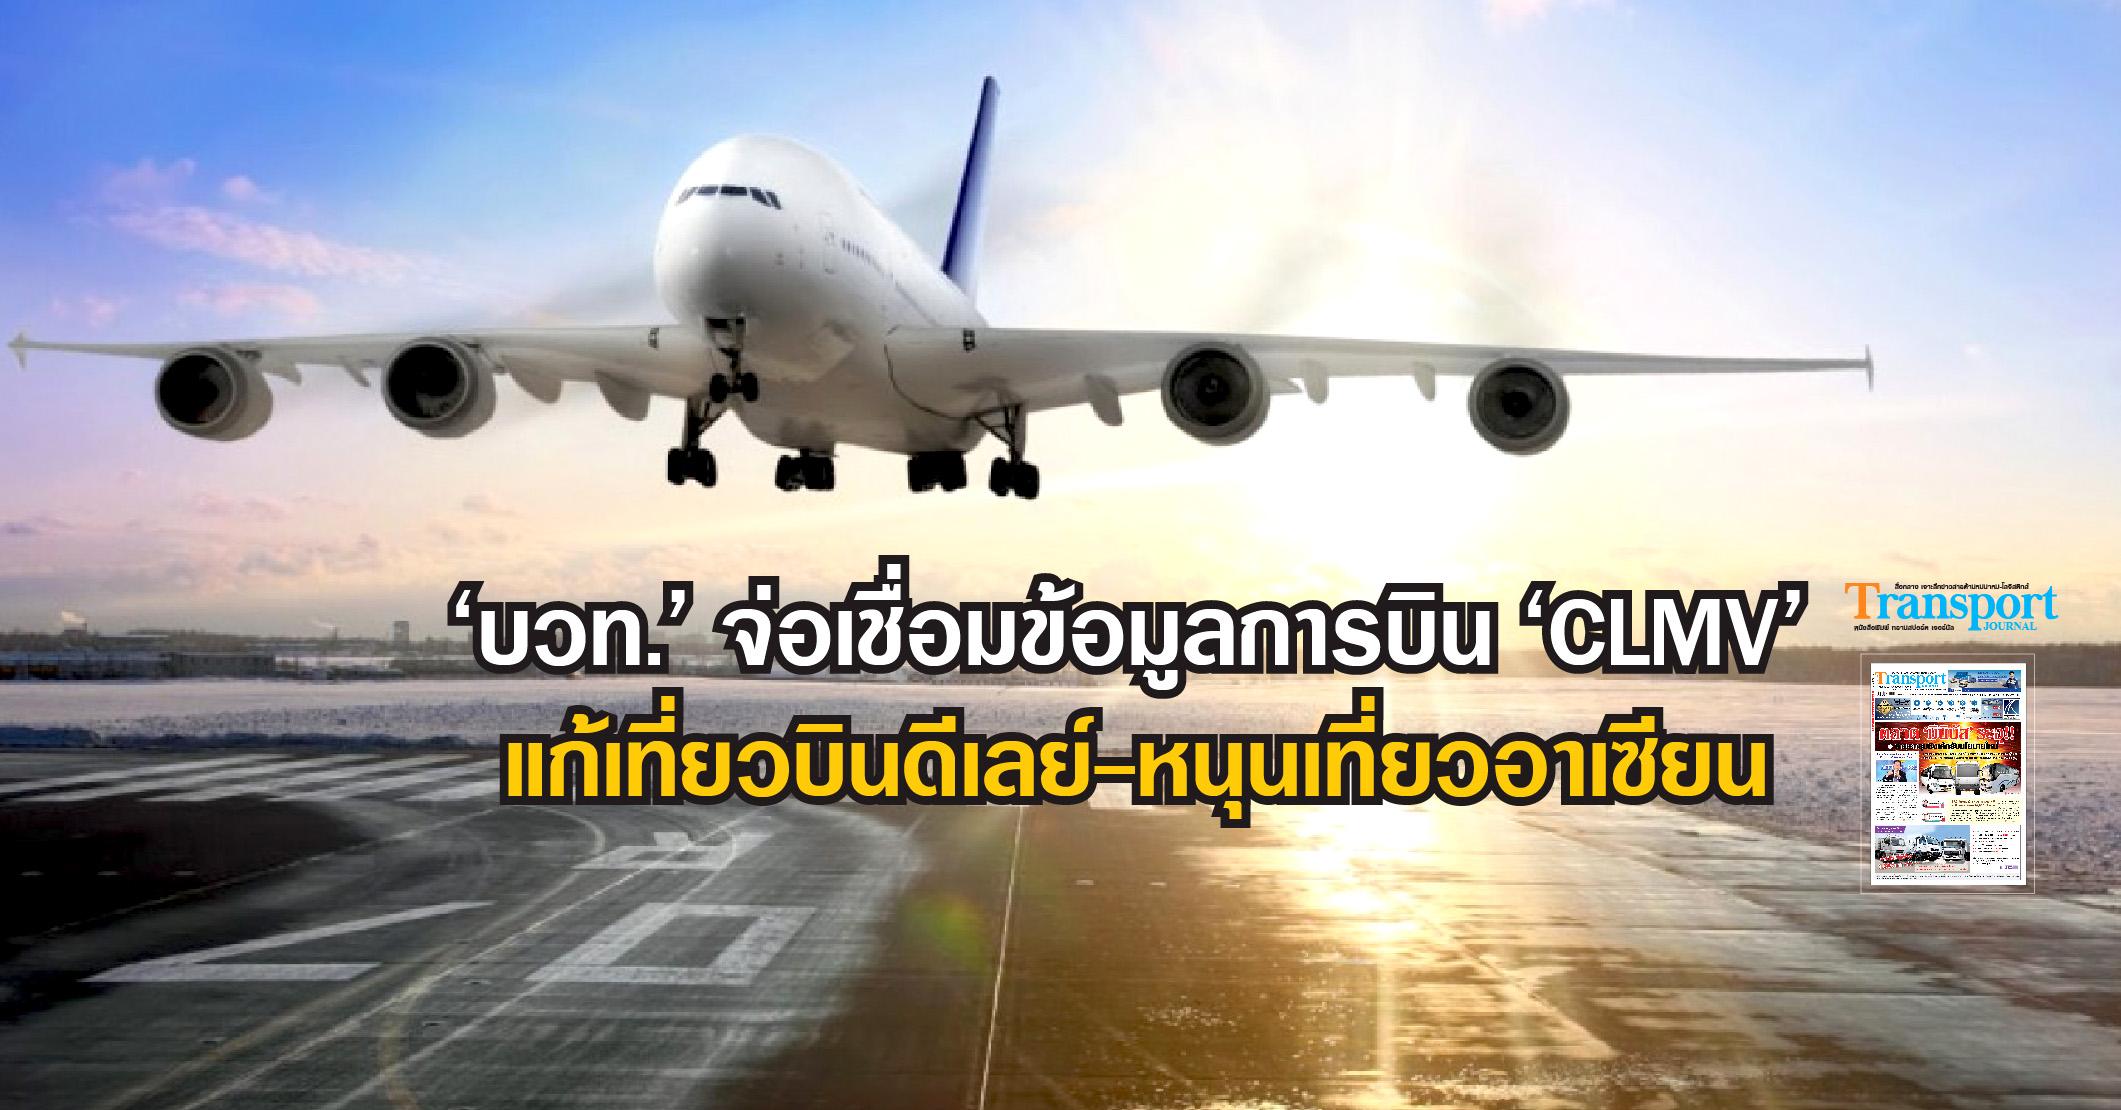 'บวท.' จ่อเชื่อมข้อมูลการบิน 'CLMV' แก้เที่ยวบินดีเลย์-หนุนเที่ยวอาเซียน